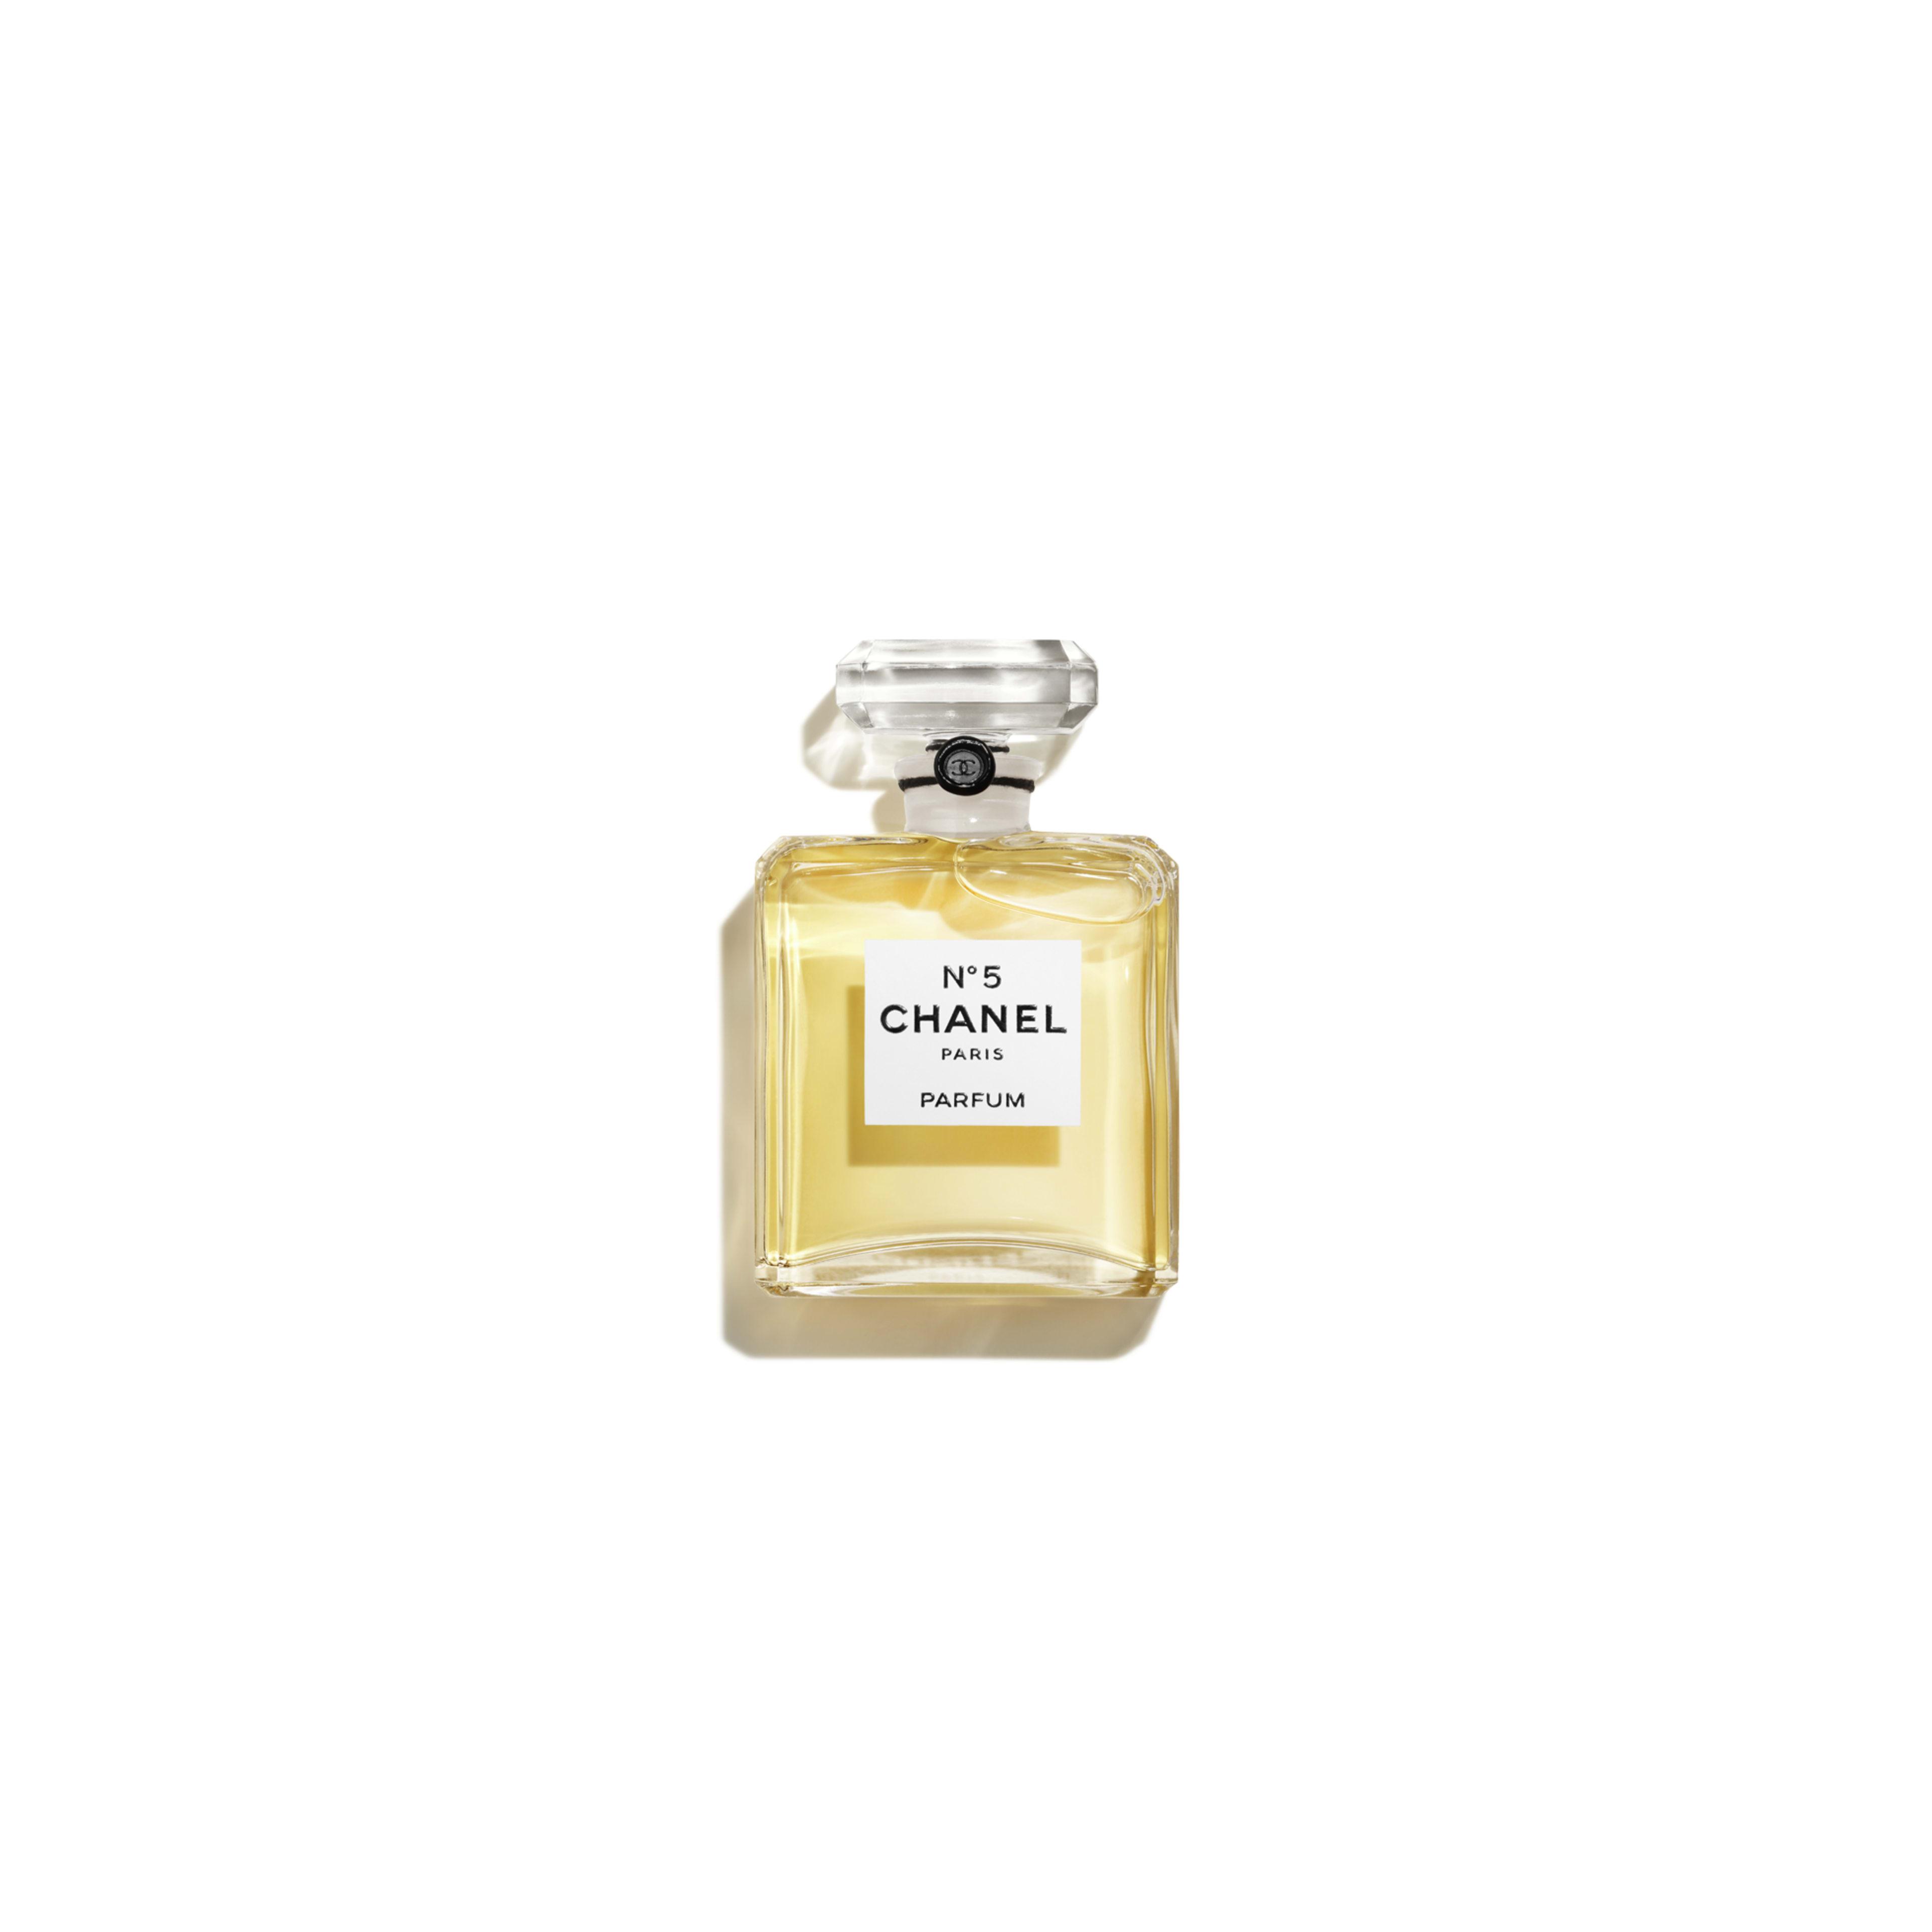 N°5 - fragrance - 0.25FL. OZ. - CHANEL - Default view